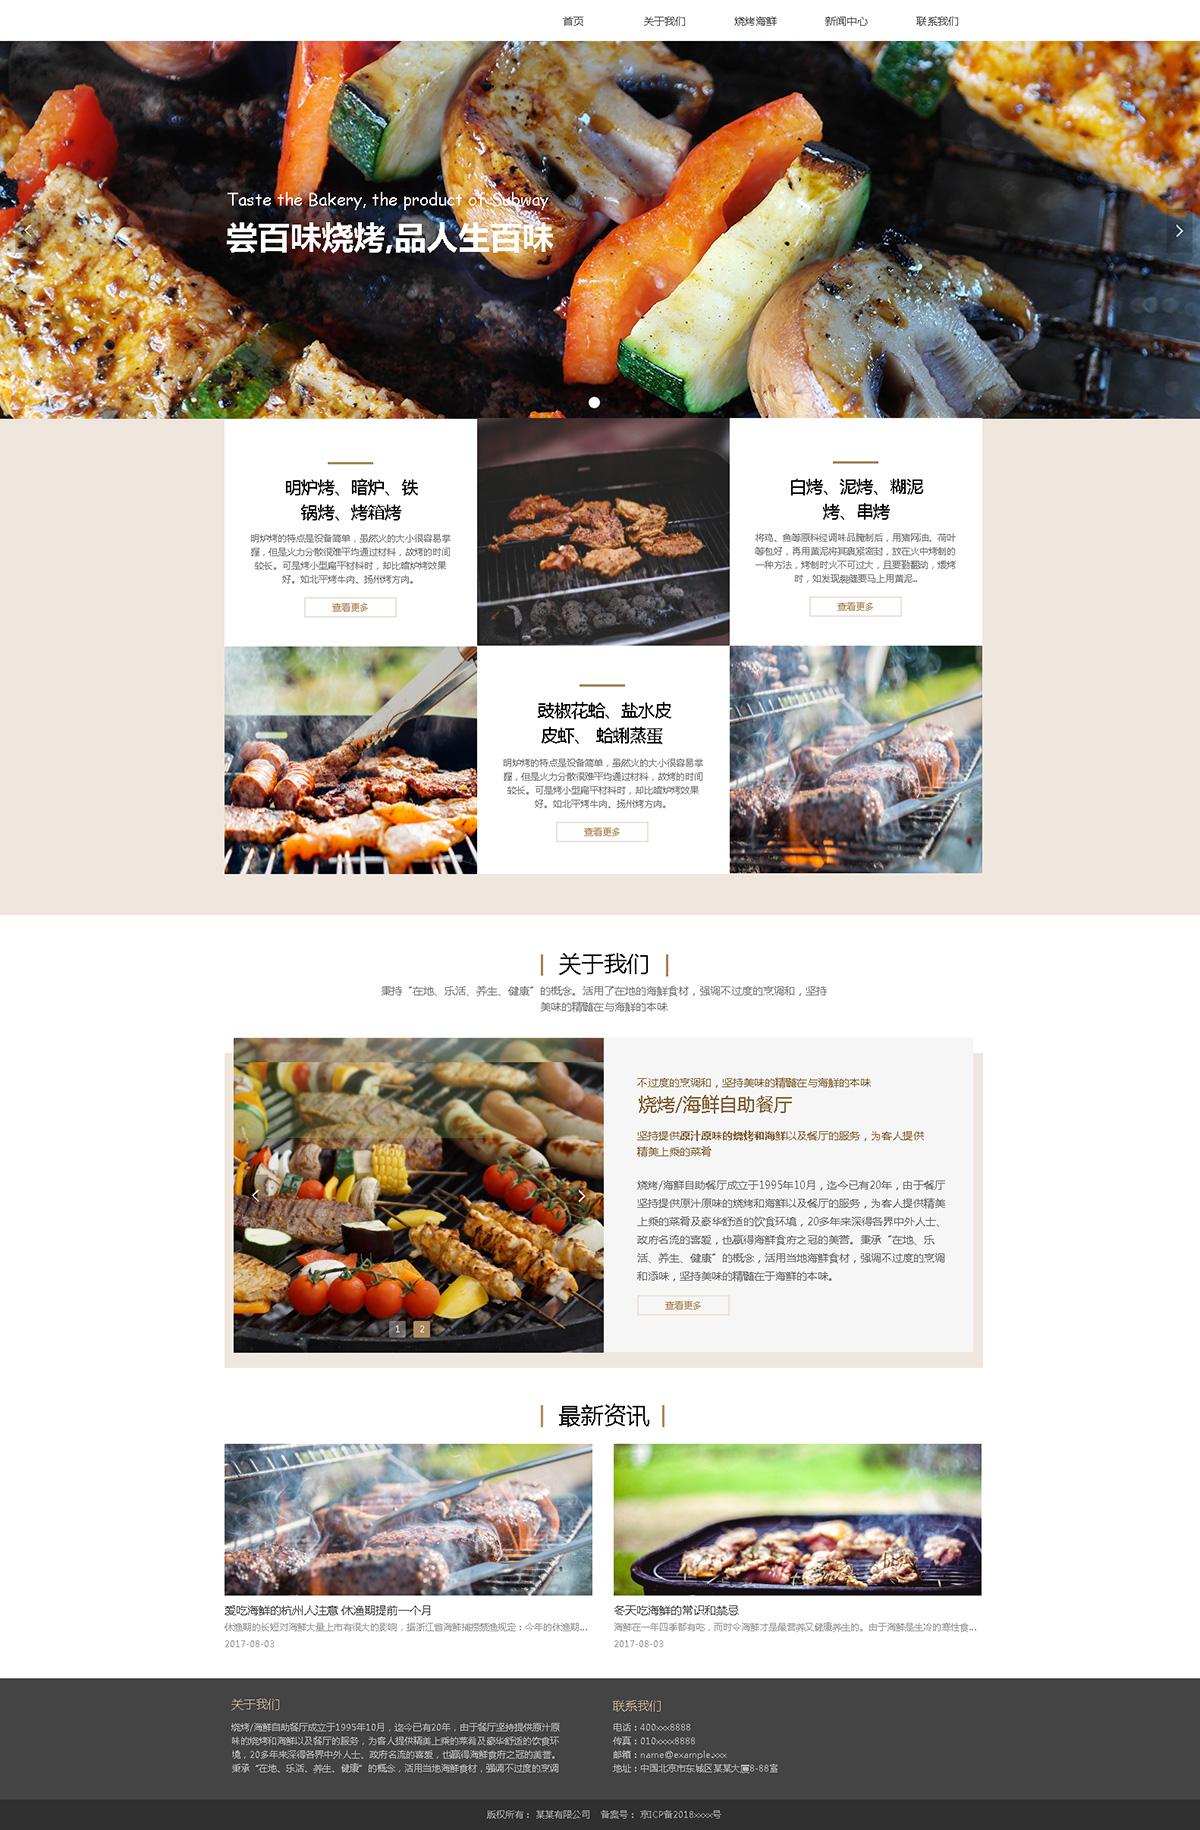 烧烤海鲜自助网站案例效果图